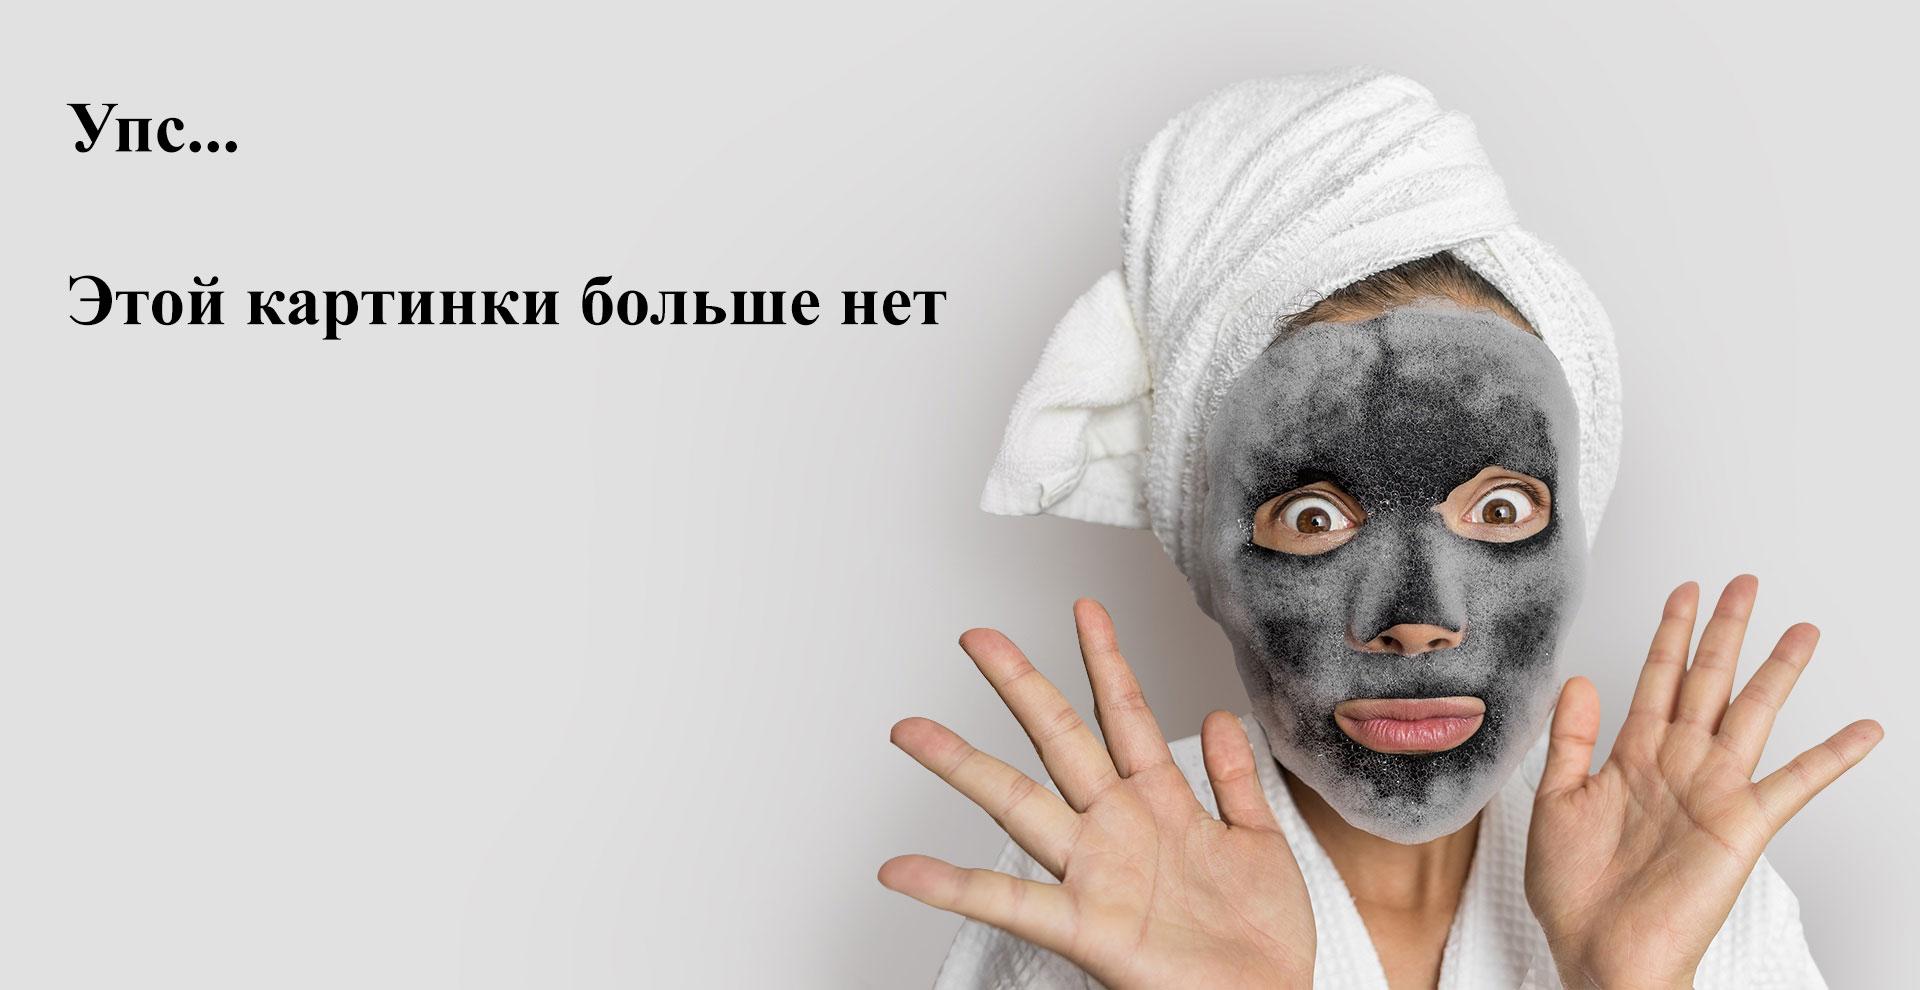 KrasotkaPro, Подставка для ног с регулировкой наклона, черная